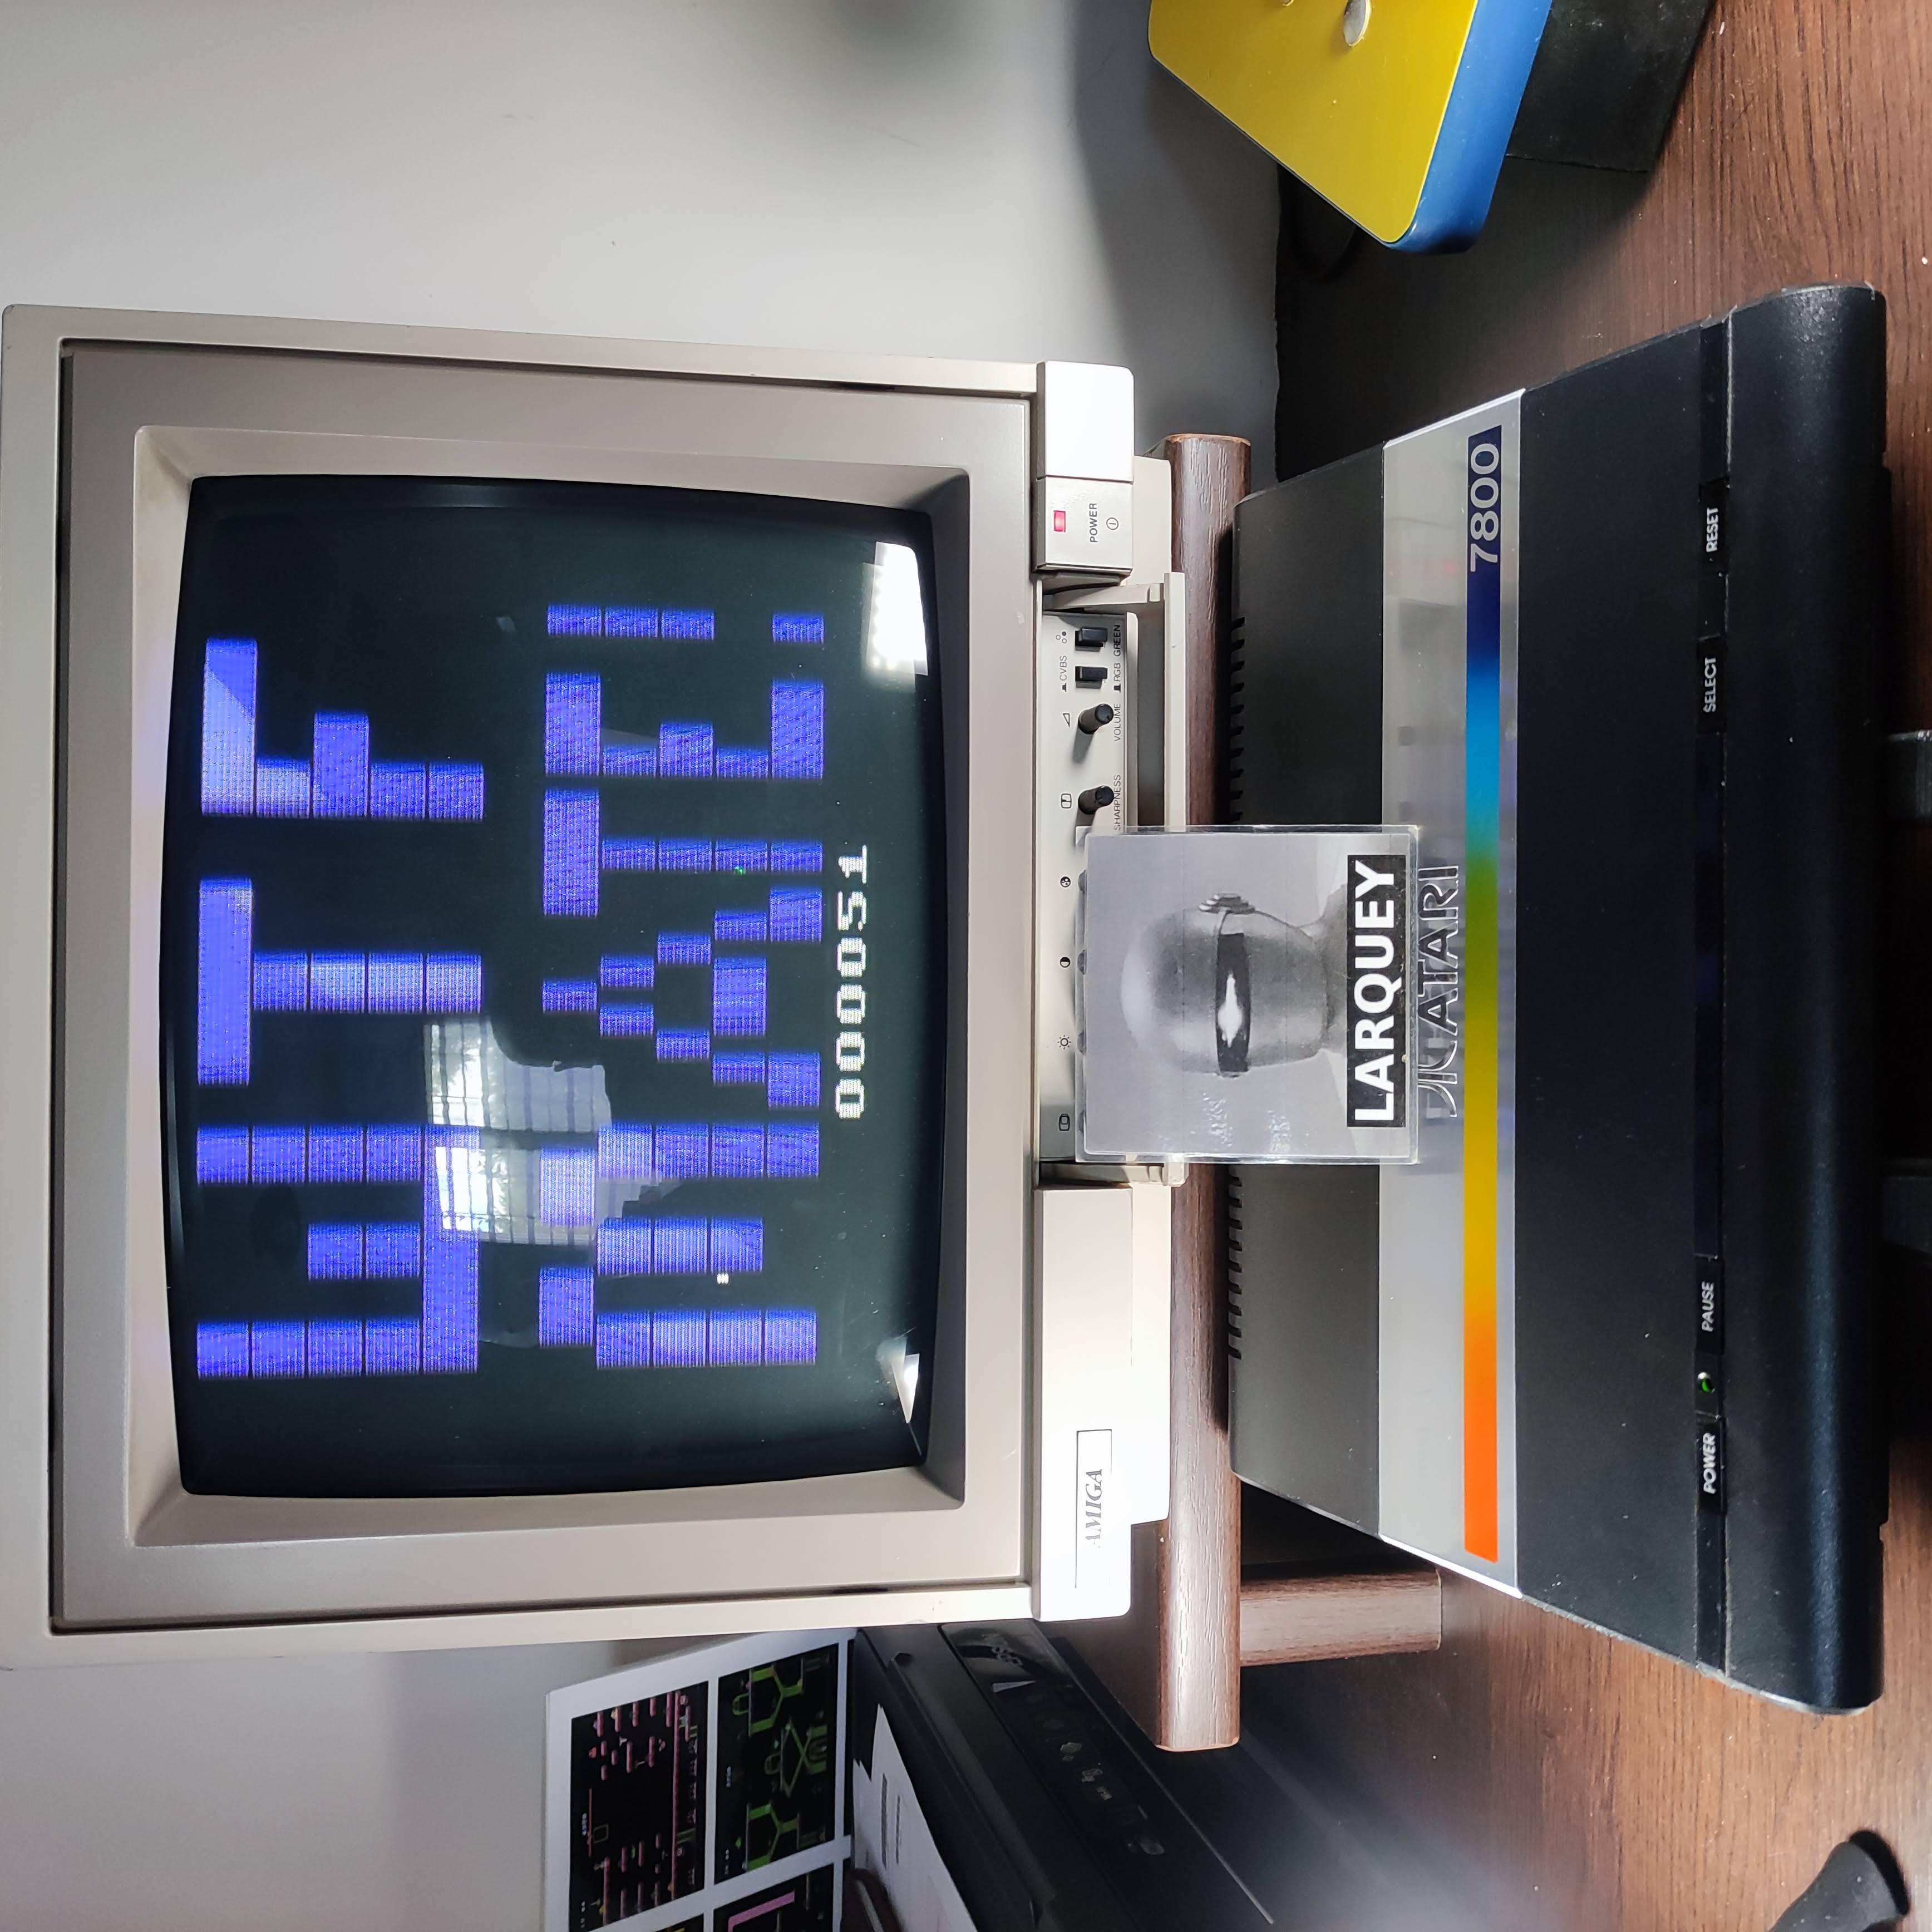 Larquey: Aborigines Revenge (Atari 2600) 51 points on 2020-10-11 12:14:36